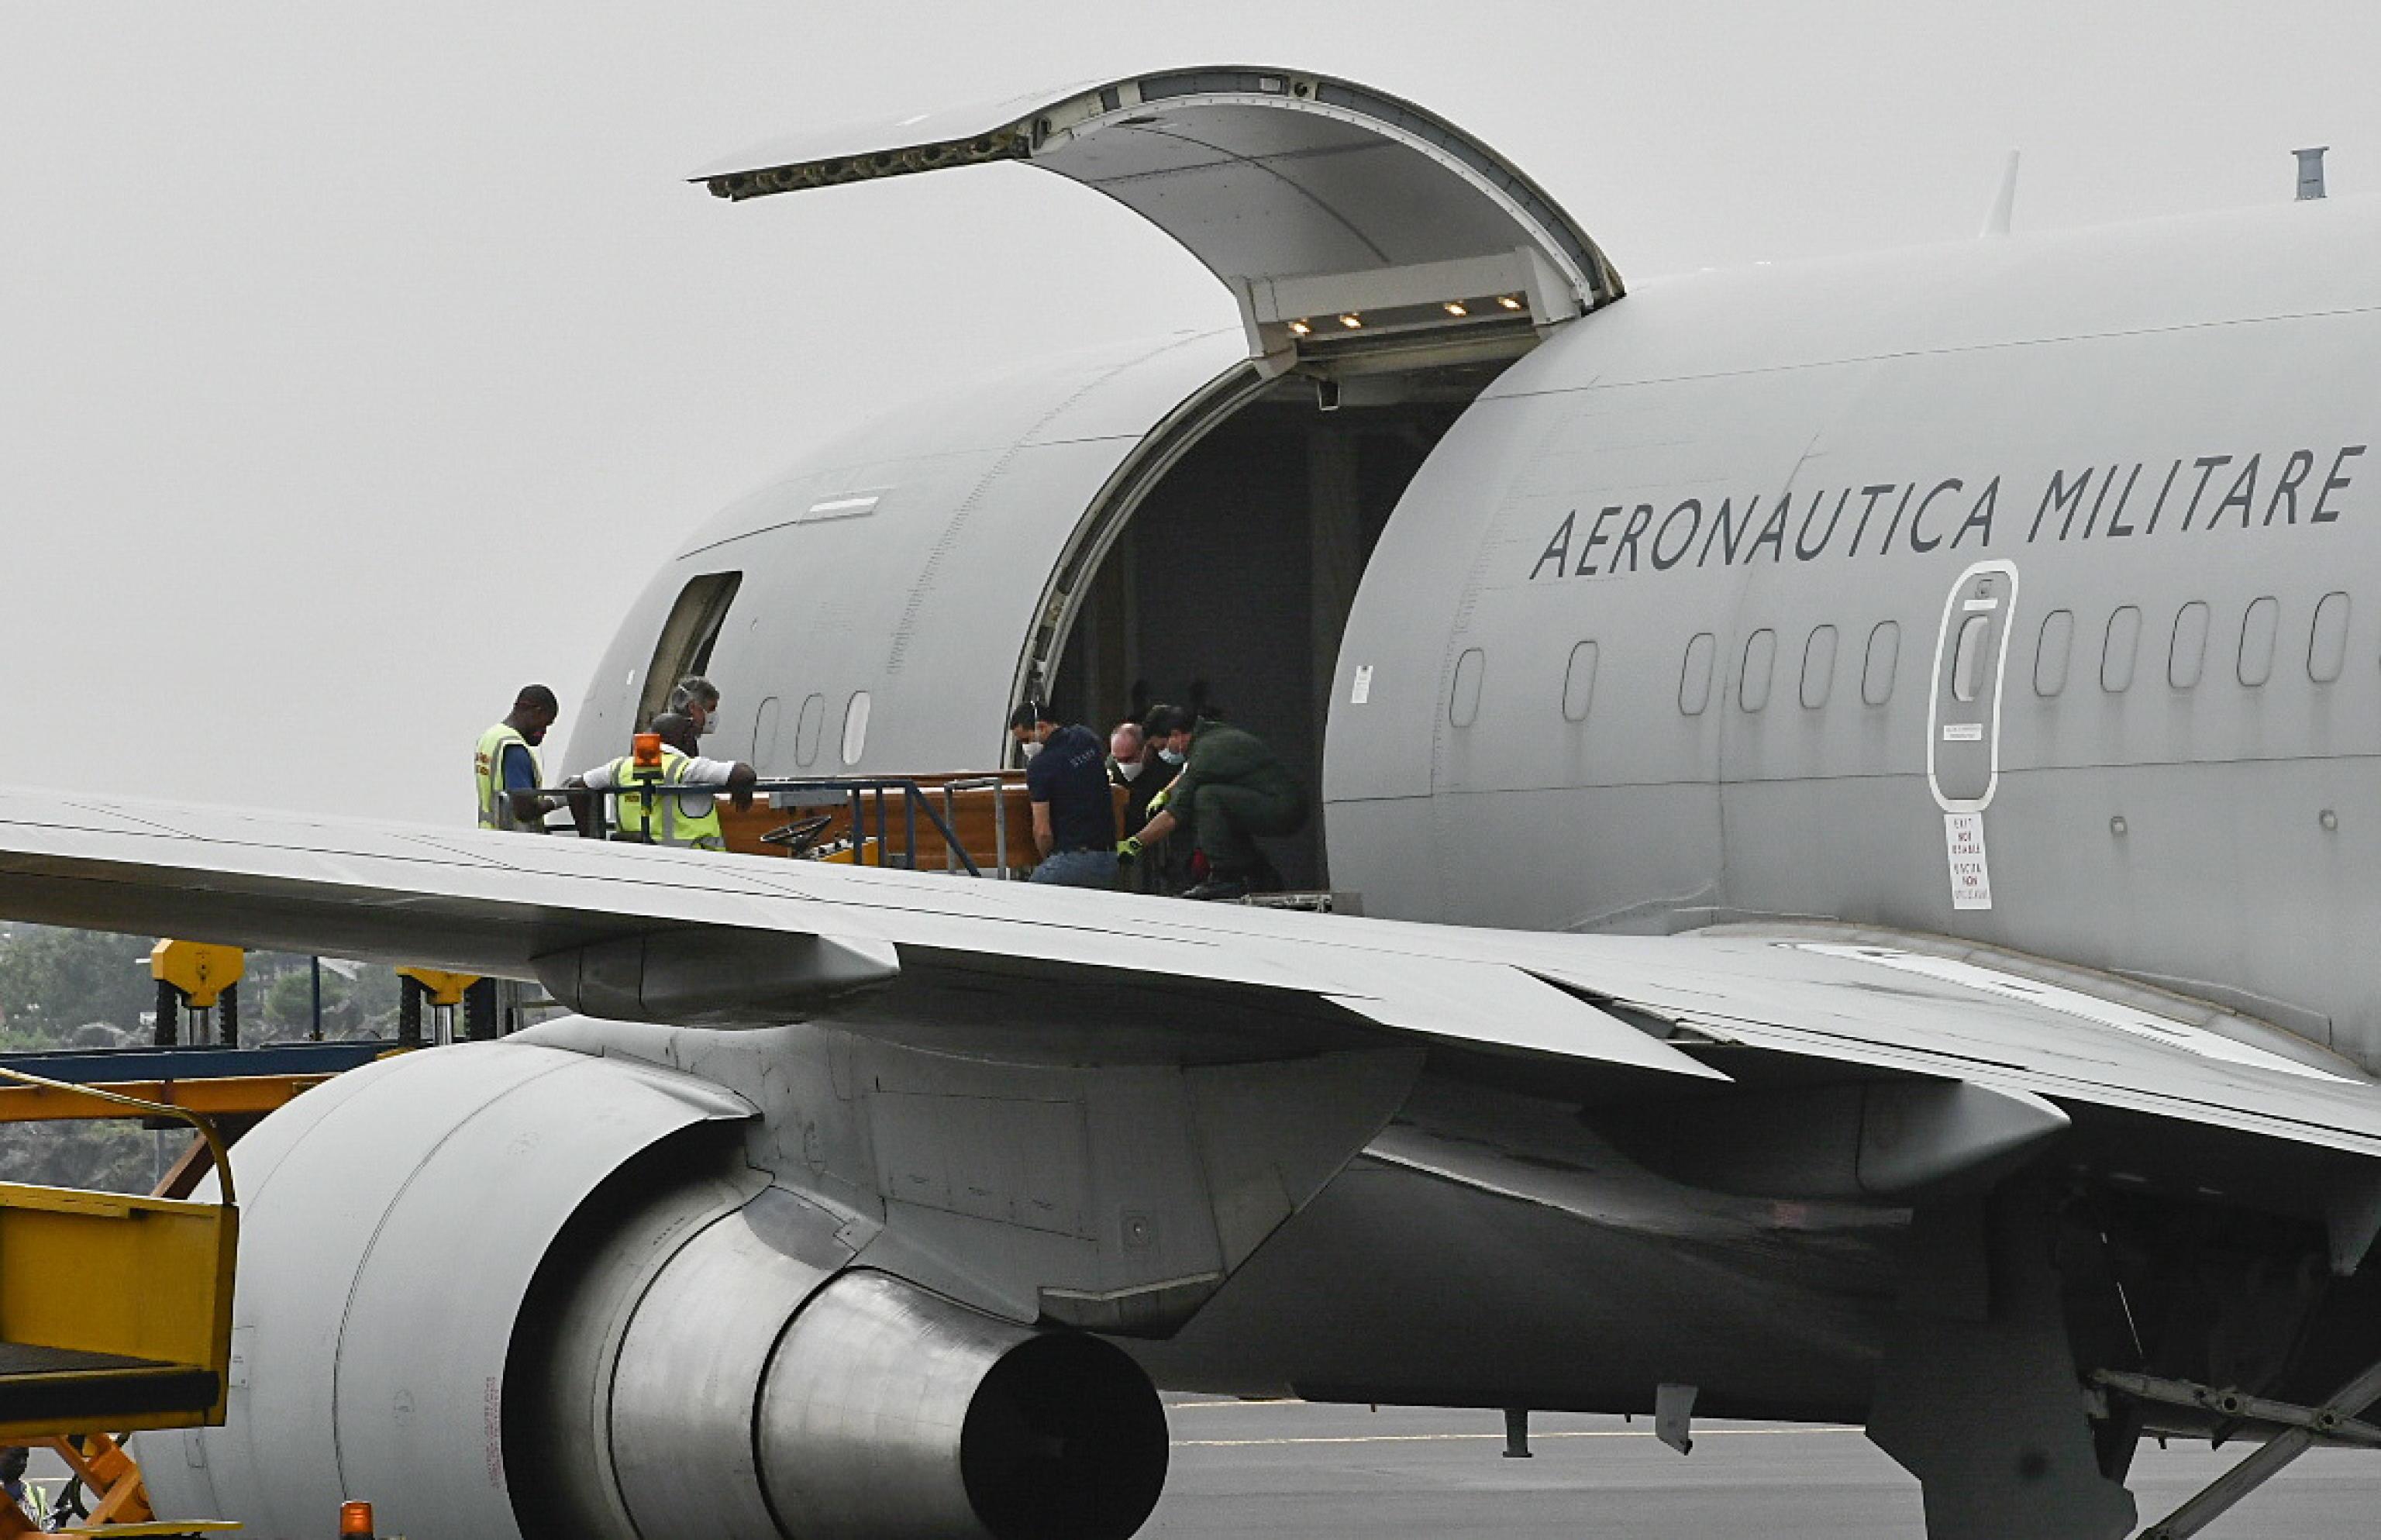 Attacco in Congo |  le salme di Attanasio e di Iacovacci sono in Italia  I funerali dell'ambasciatore e del carabiniere giovedì a Roma